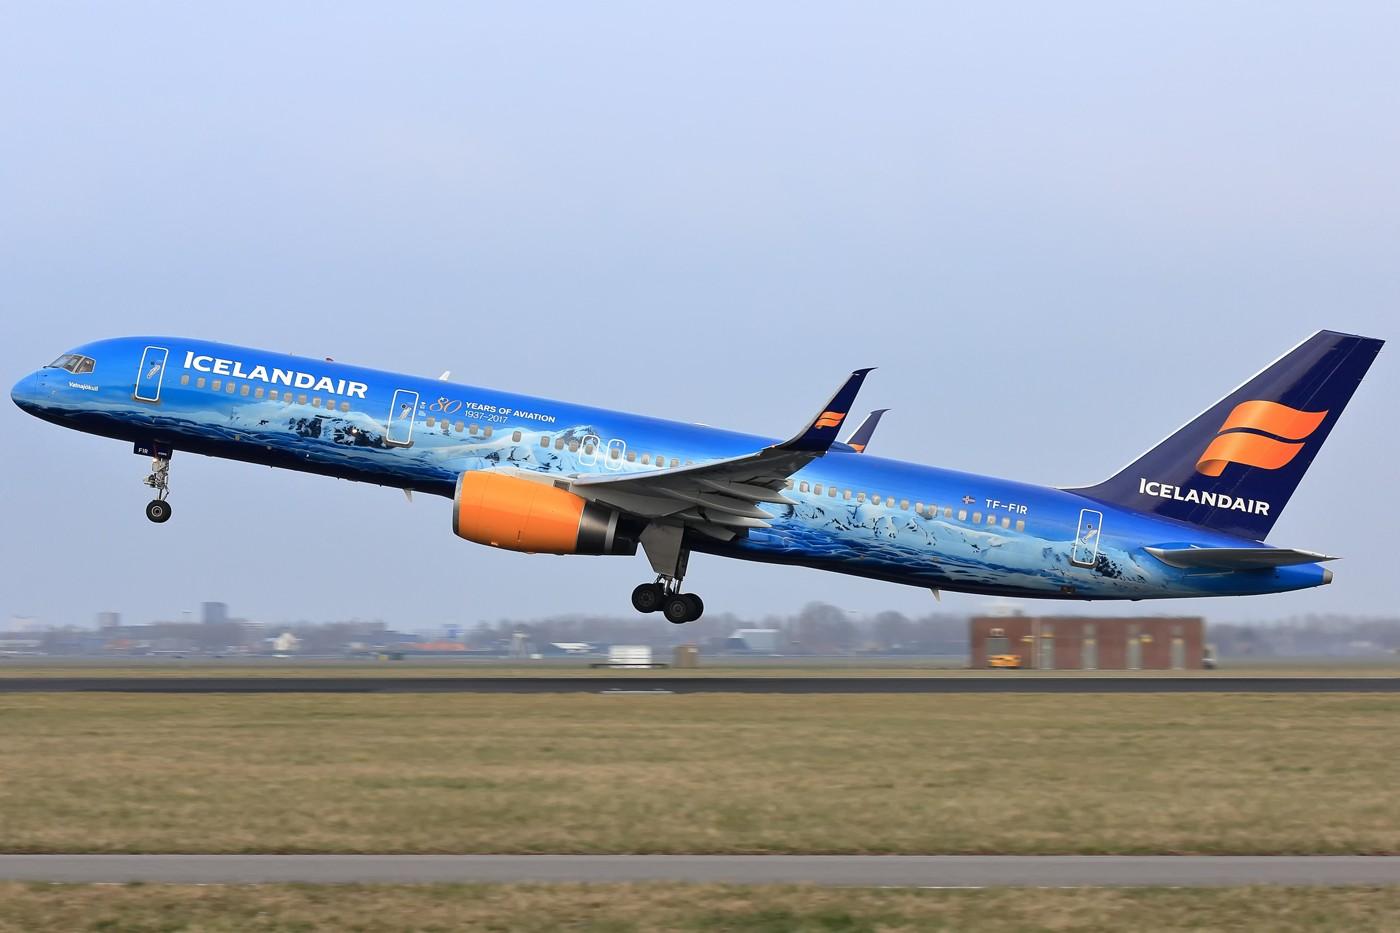 [原创]【AMS】冰岛航空B757 80周年冰山特别涂装 BOEING 757-200 TF-FIR 荷兰阿姆斯特丹史基浦机场